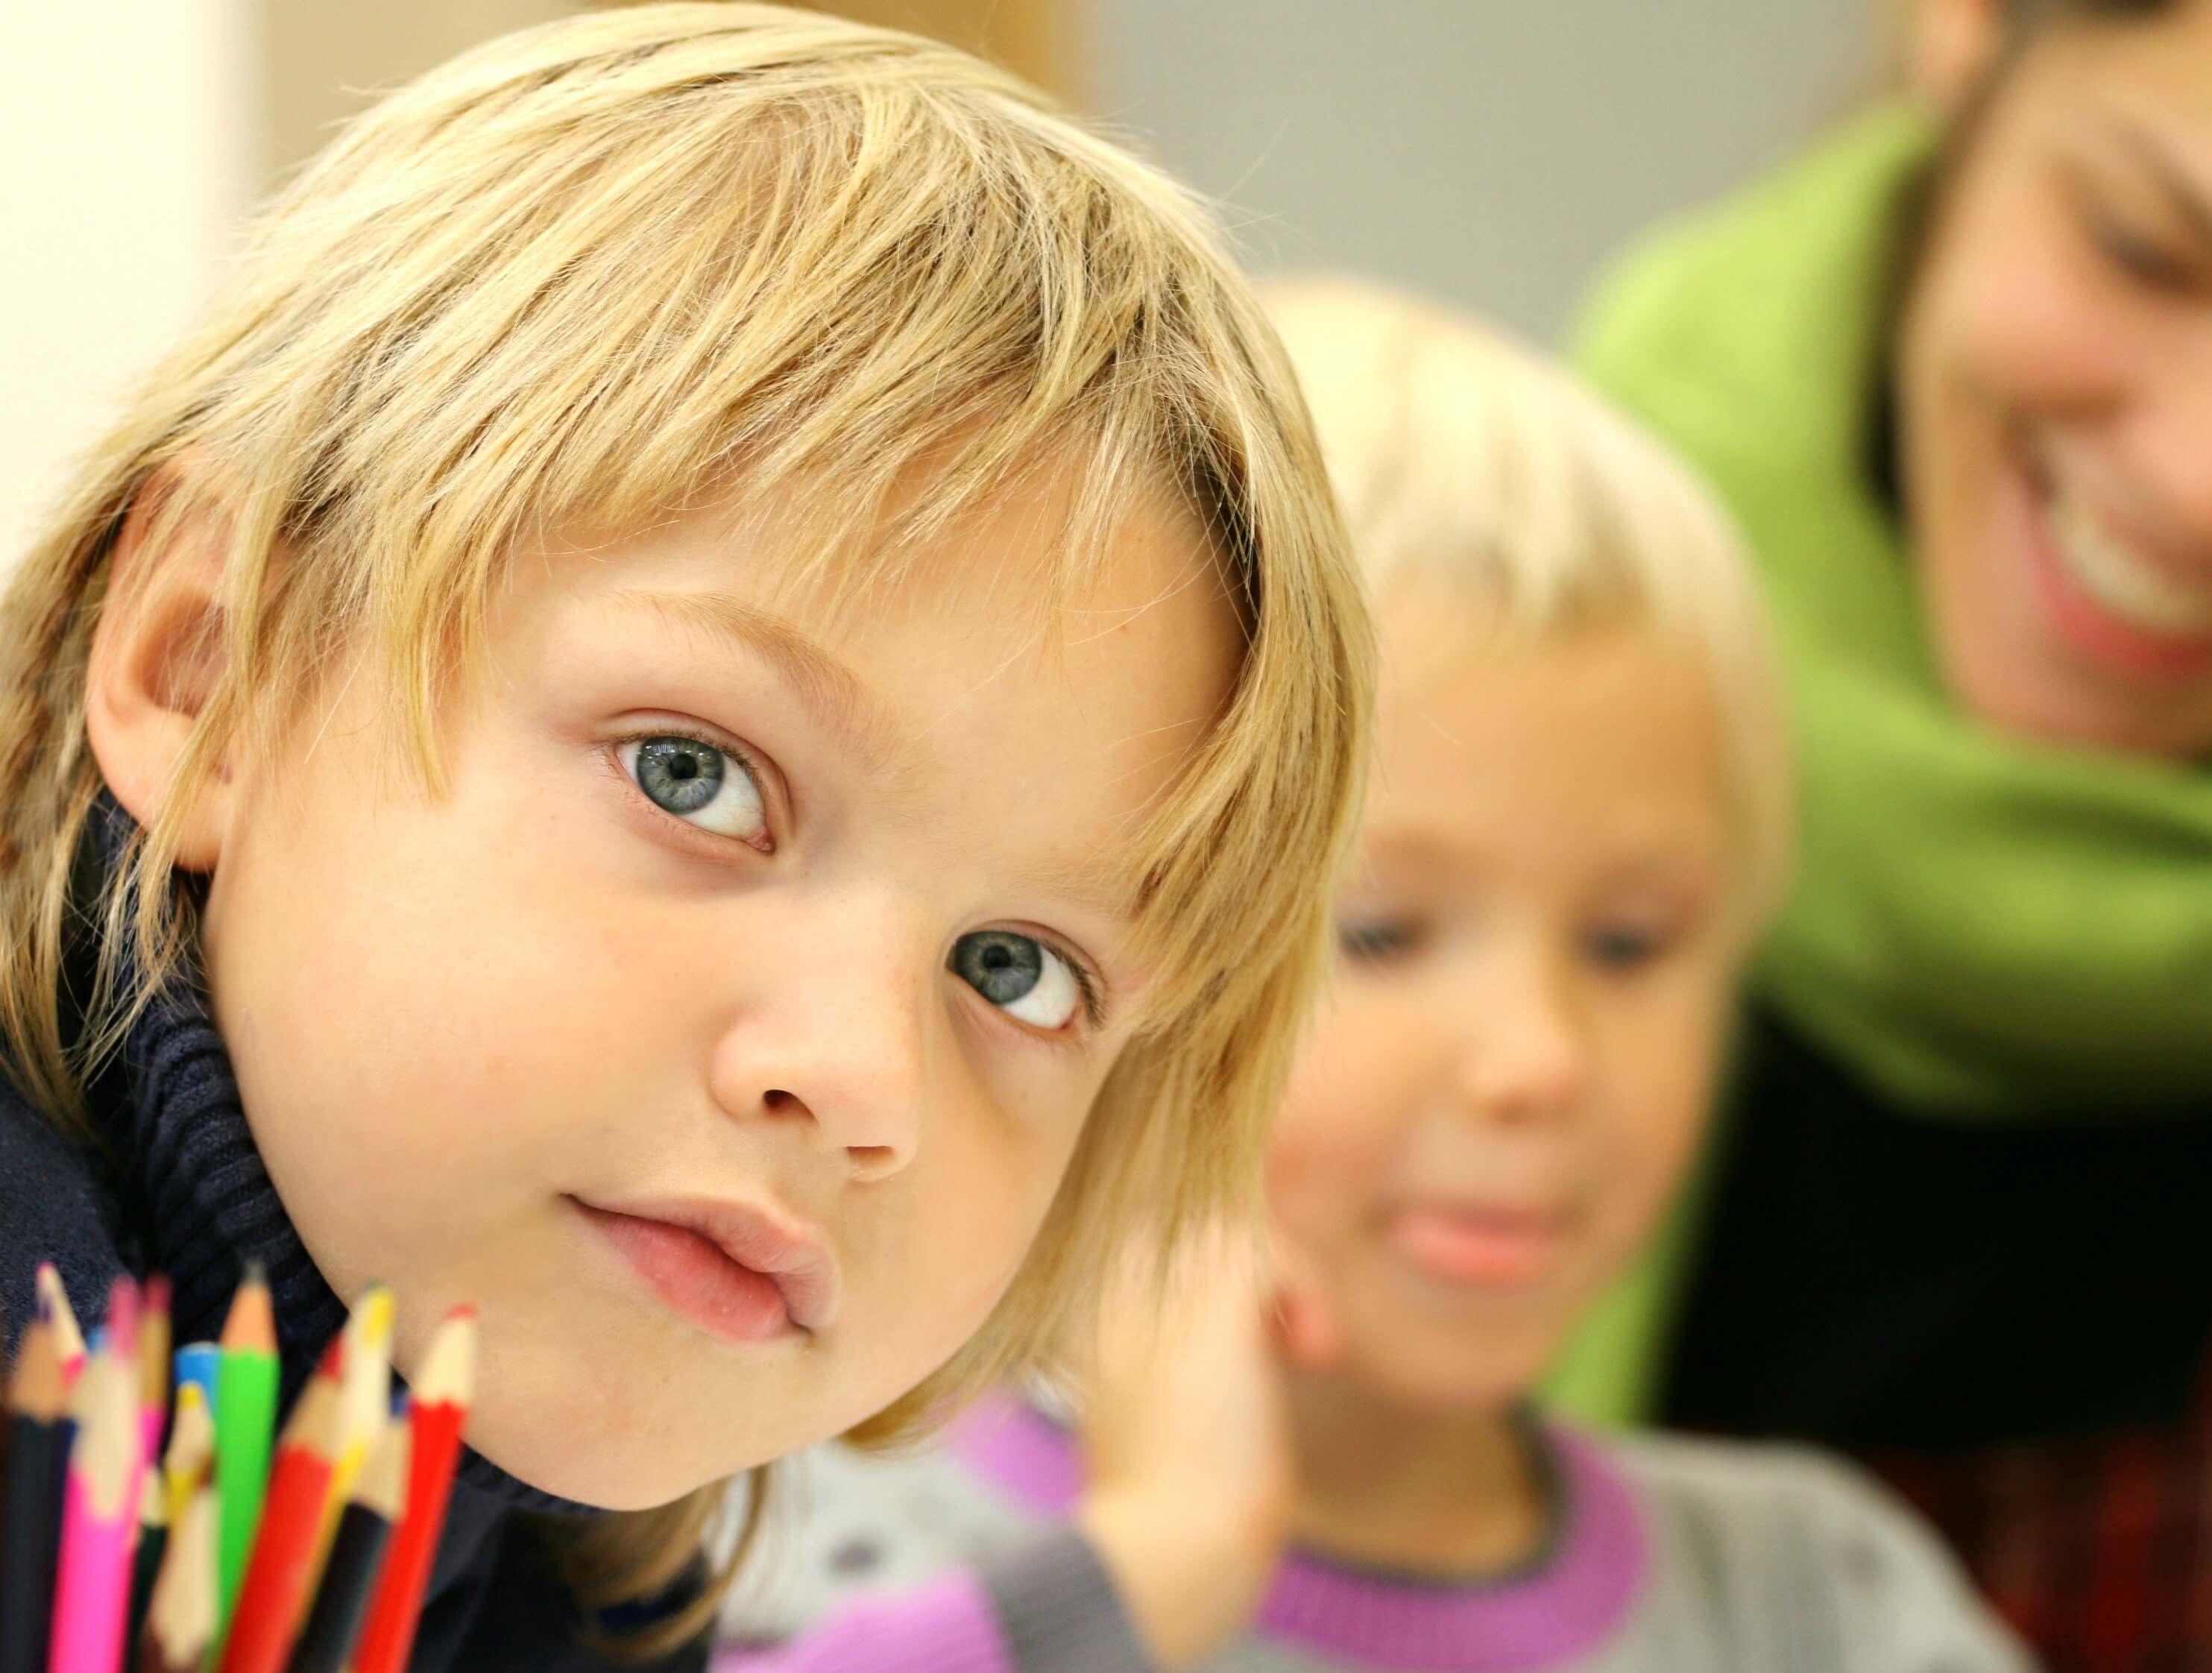 Ένα αγοράκι μας κοιτά ενώ κάθεται δίπλα από τις ξυλομπογιές του και τη συμμαθήτριά του στο σχολείο.